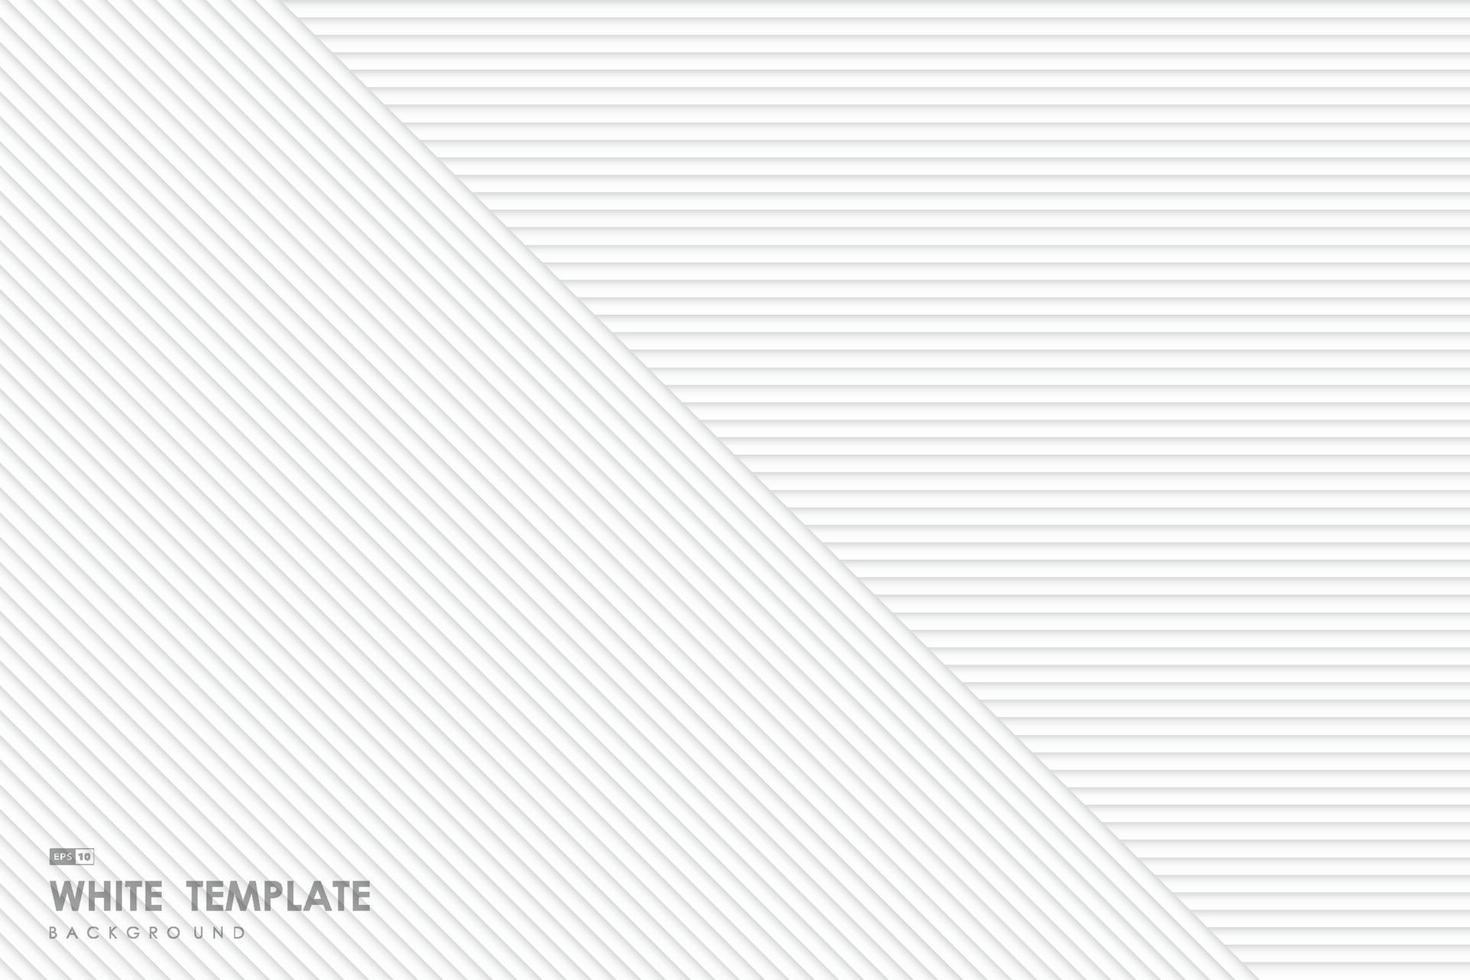 fondo di progettazione del modello del modello del modello della linea bianca di pendenza astratta. illustrazione vettoriale eps10